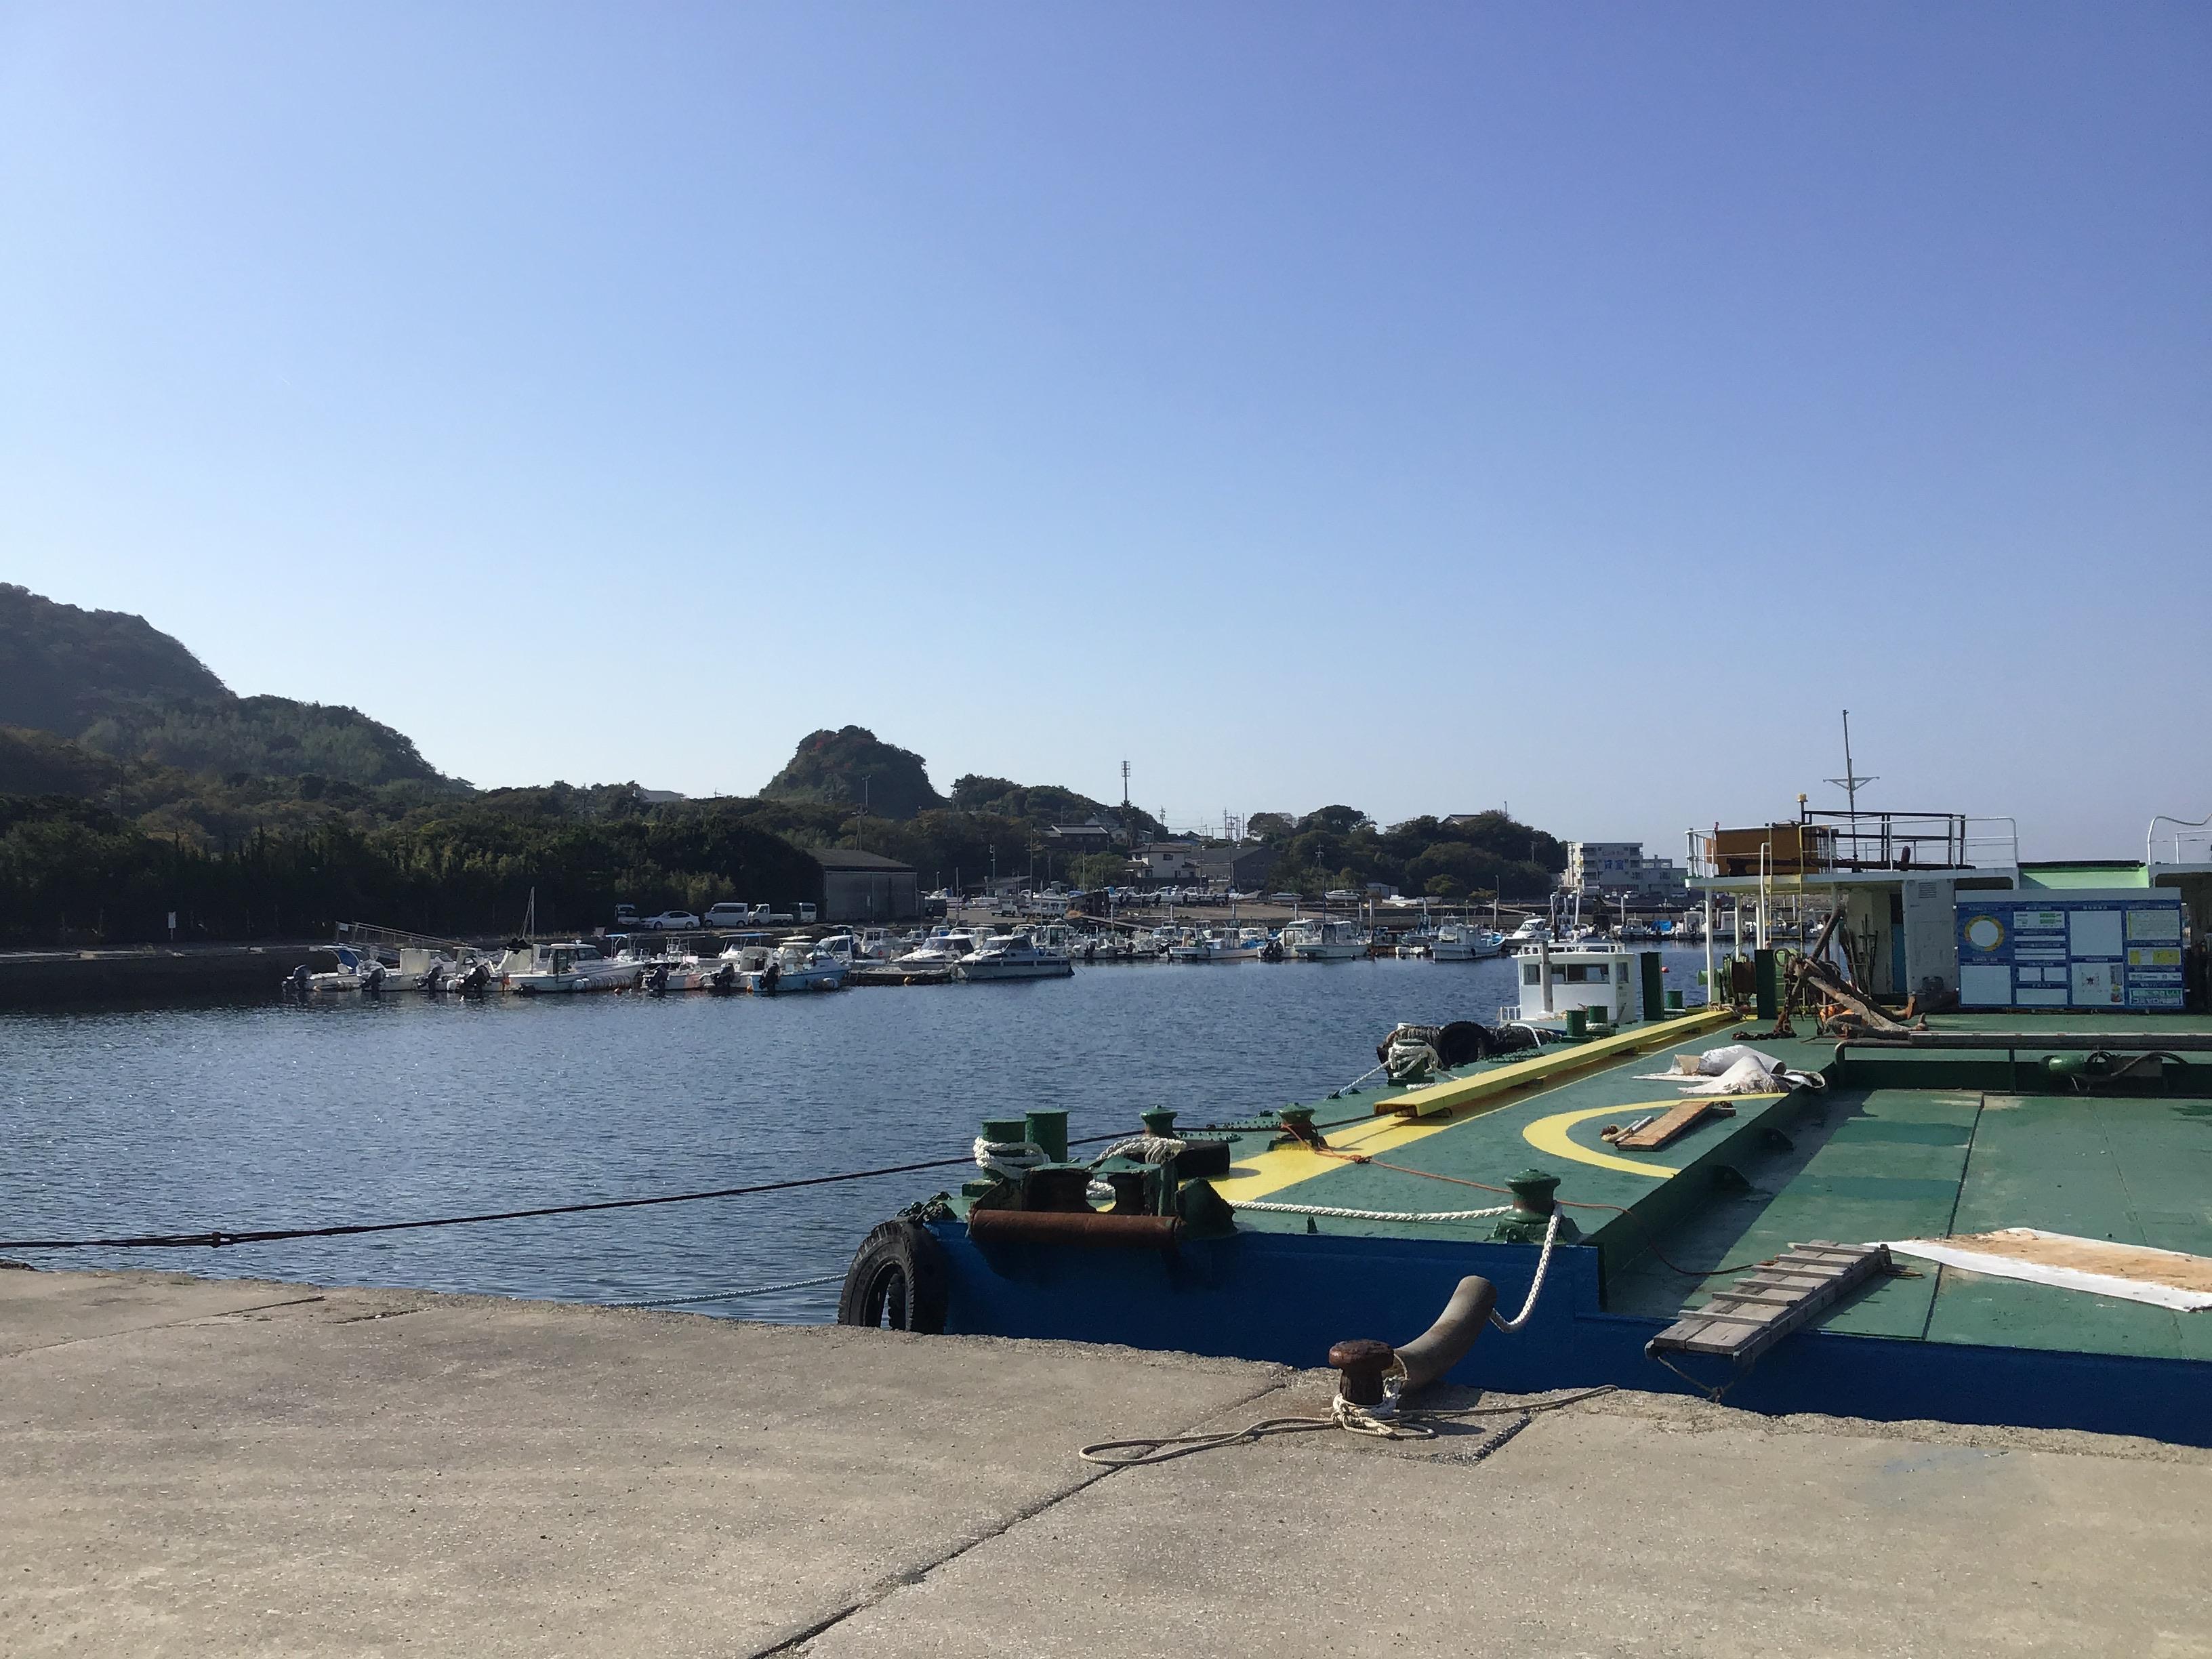 田原姫島漁港はトイレあります。チビメバル以外は未知です。順次調査ですね〜